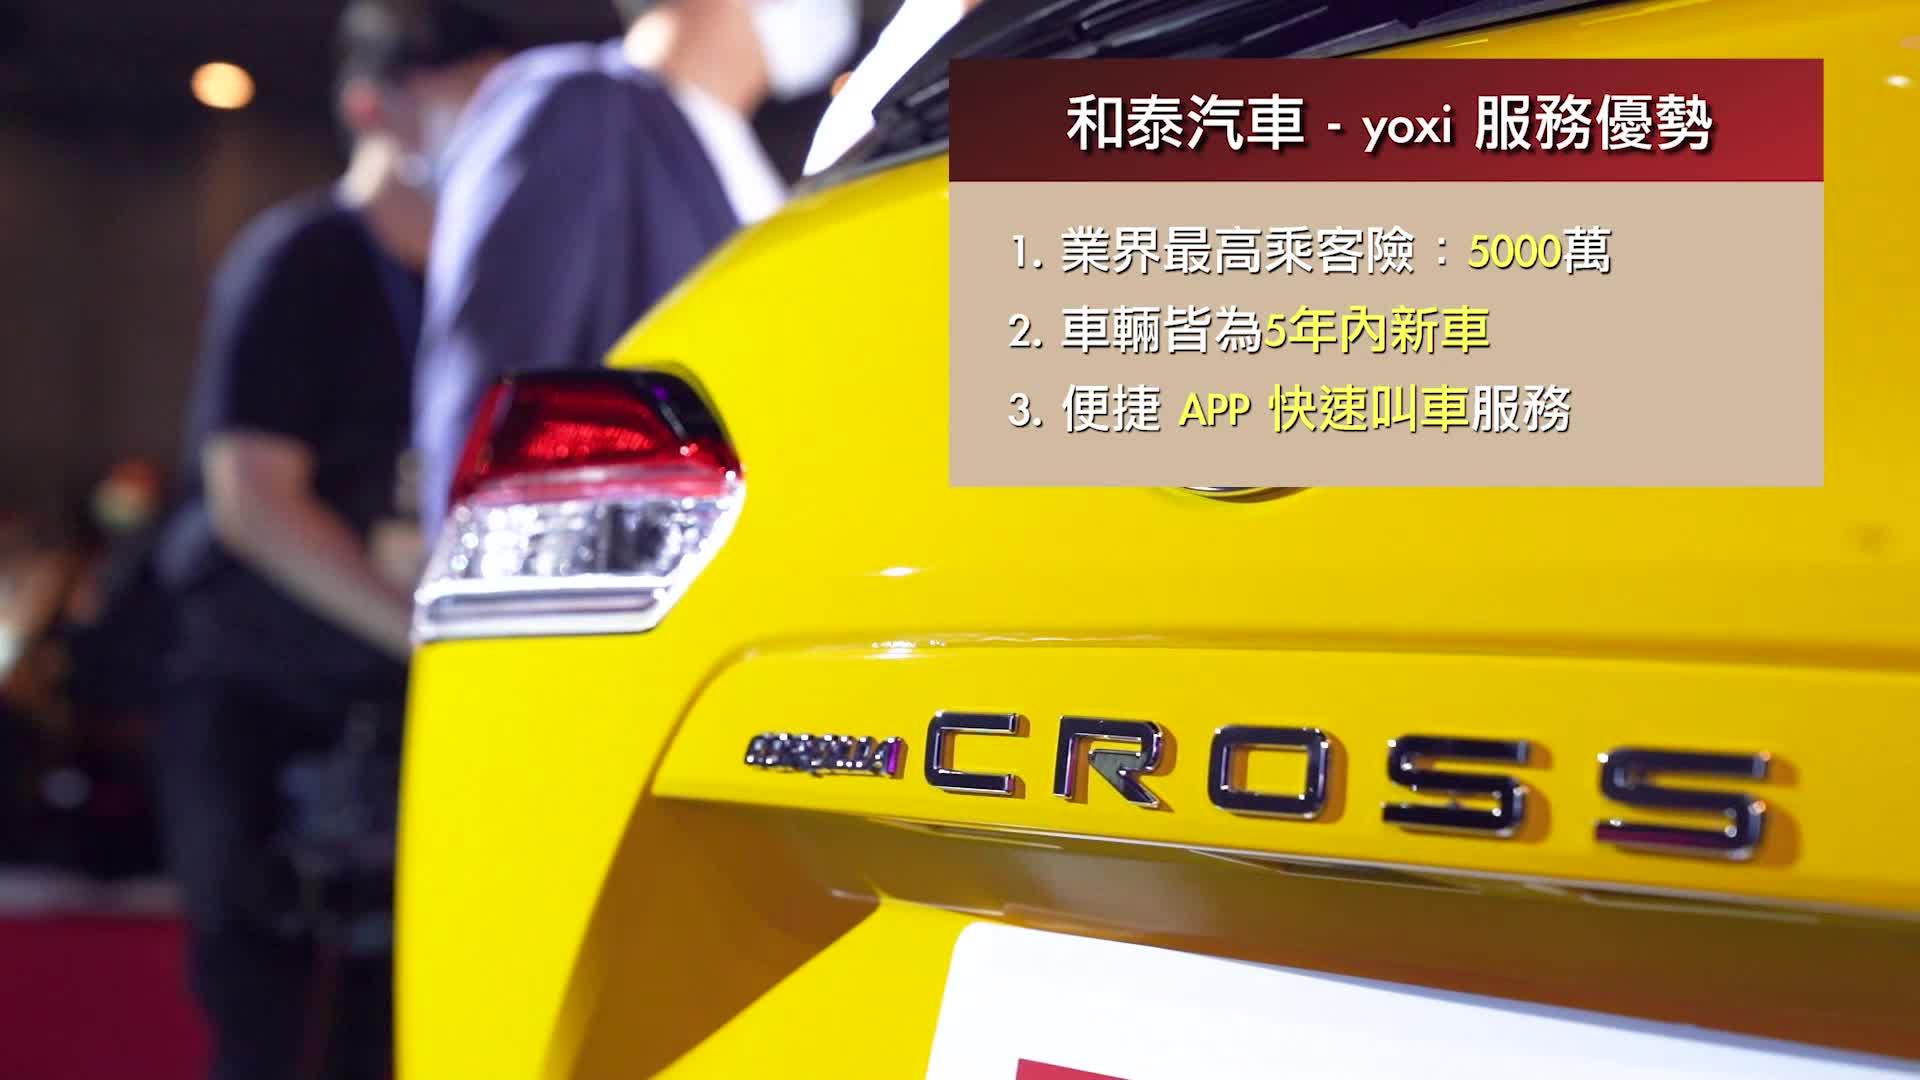 安全打車新選擇!和泰Yoxi計程車隊 品牌發佈會